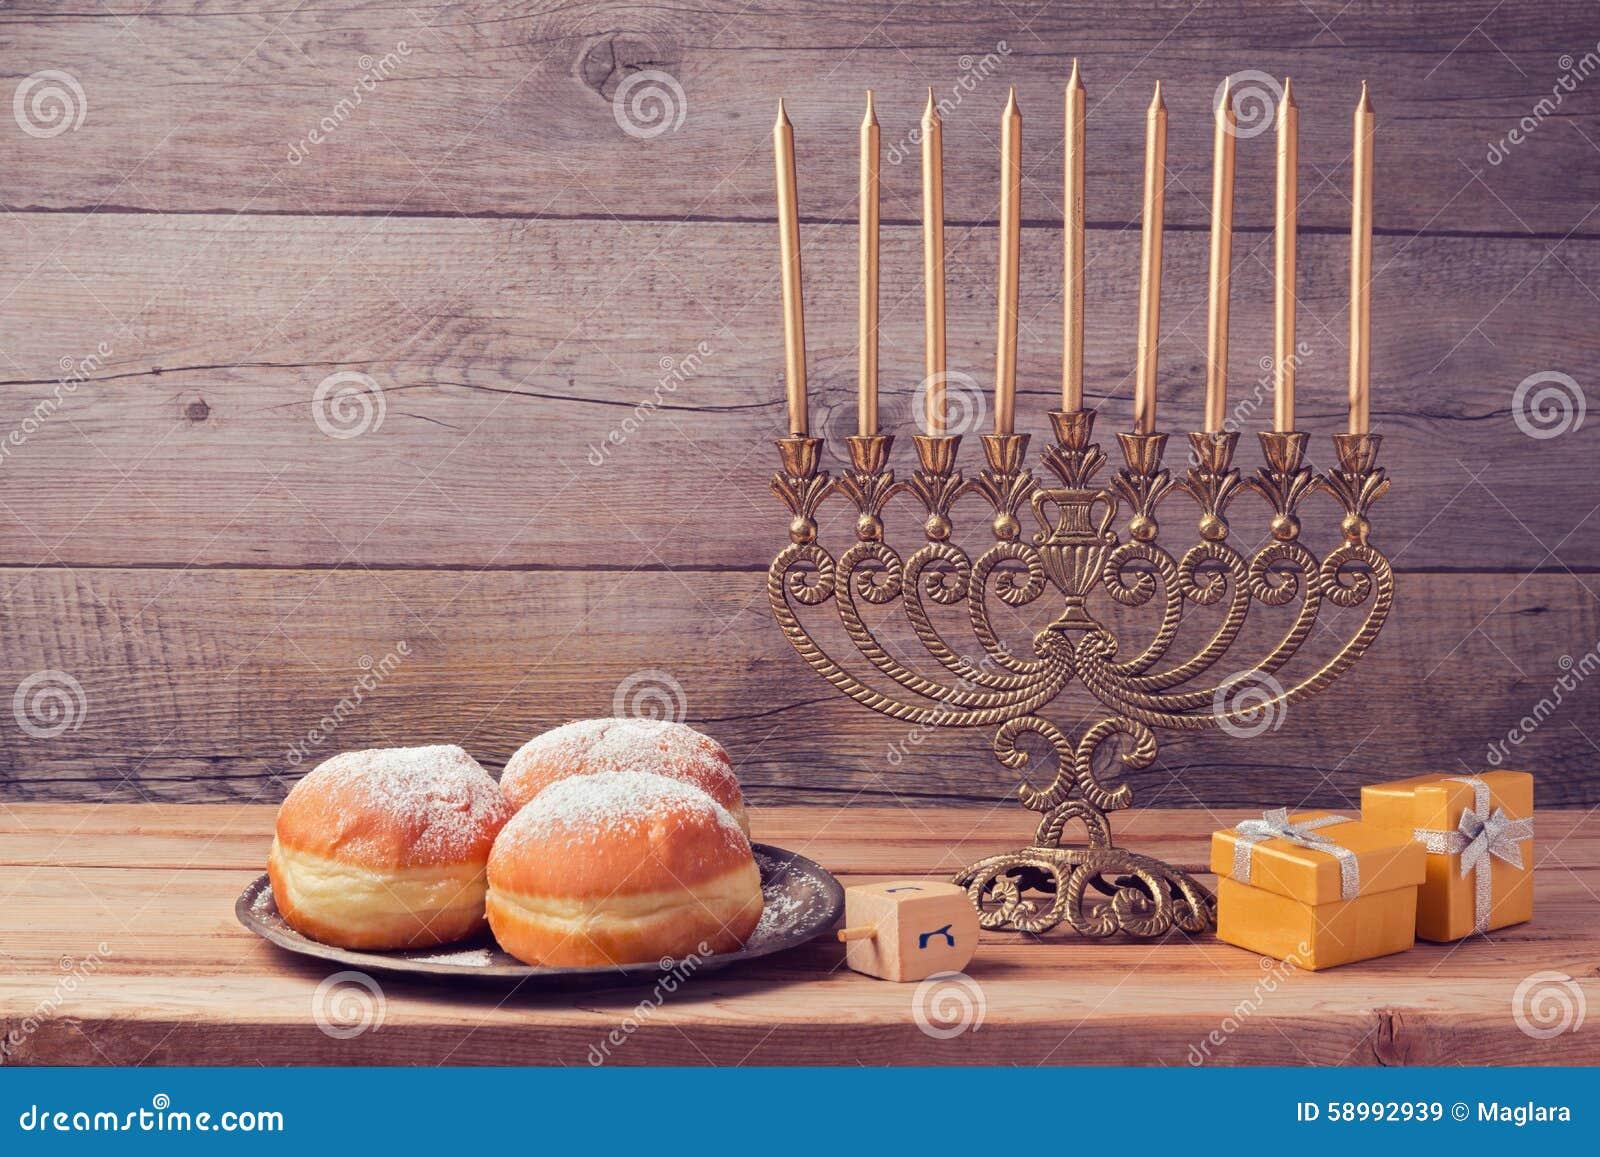 Celebração judaica do Hanukkah do feriado com menorah do vintage sobre o fundo de madeira